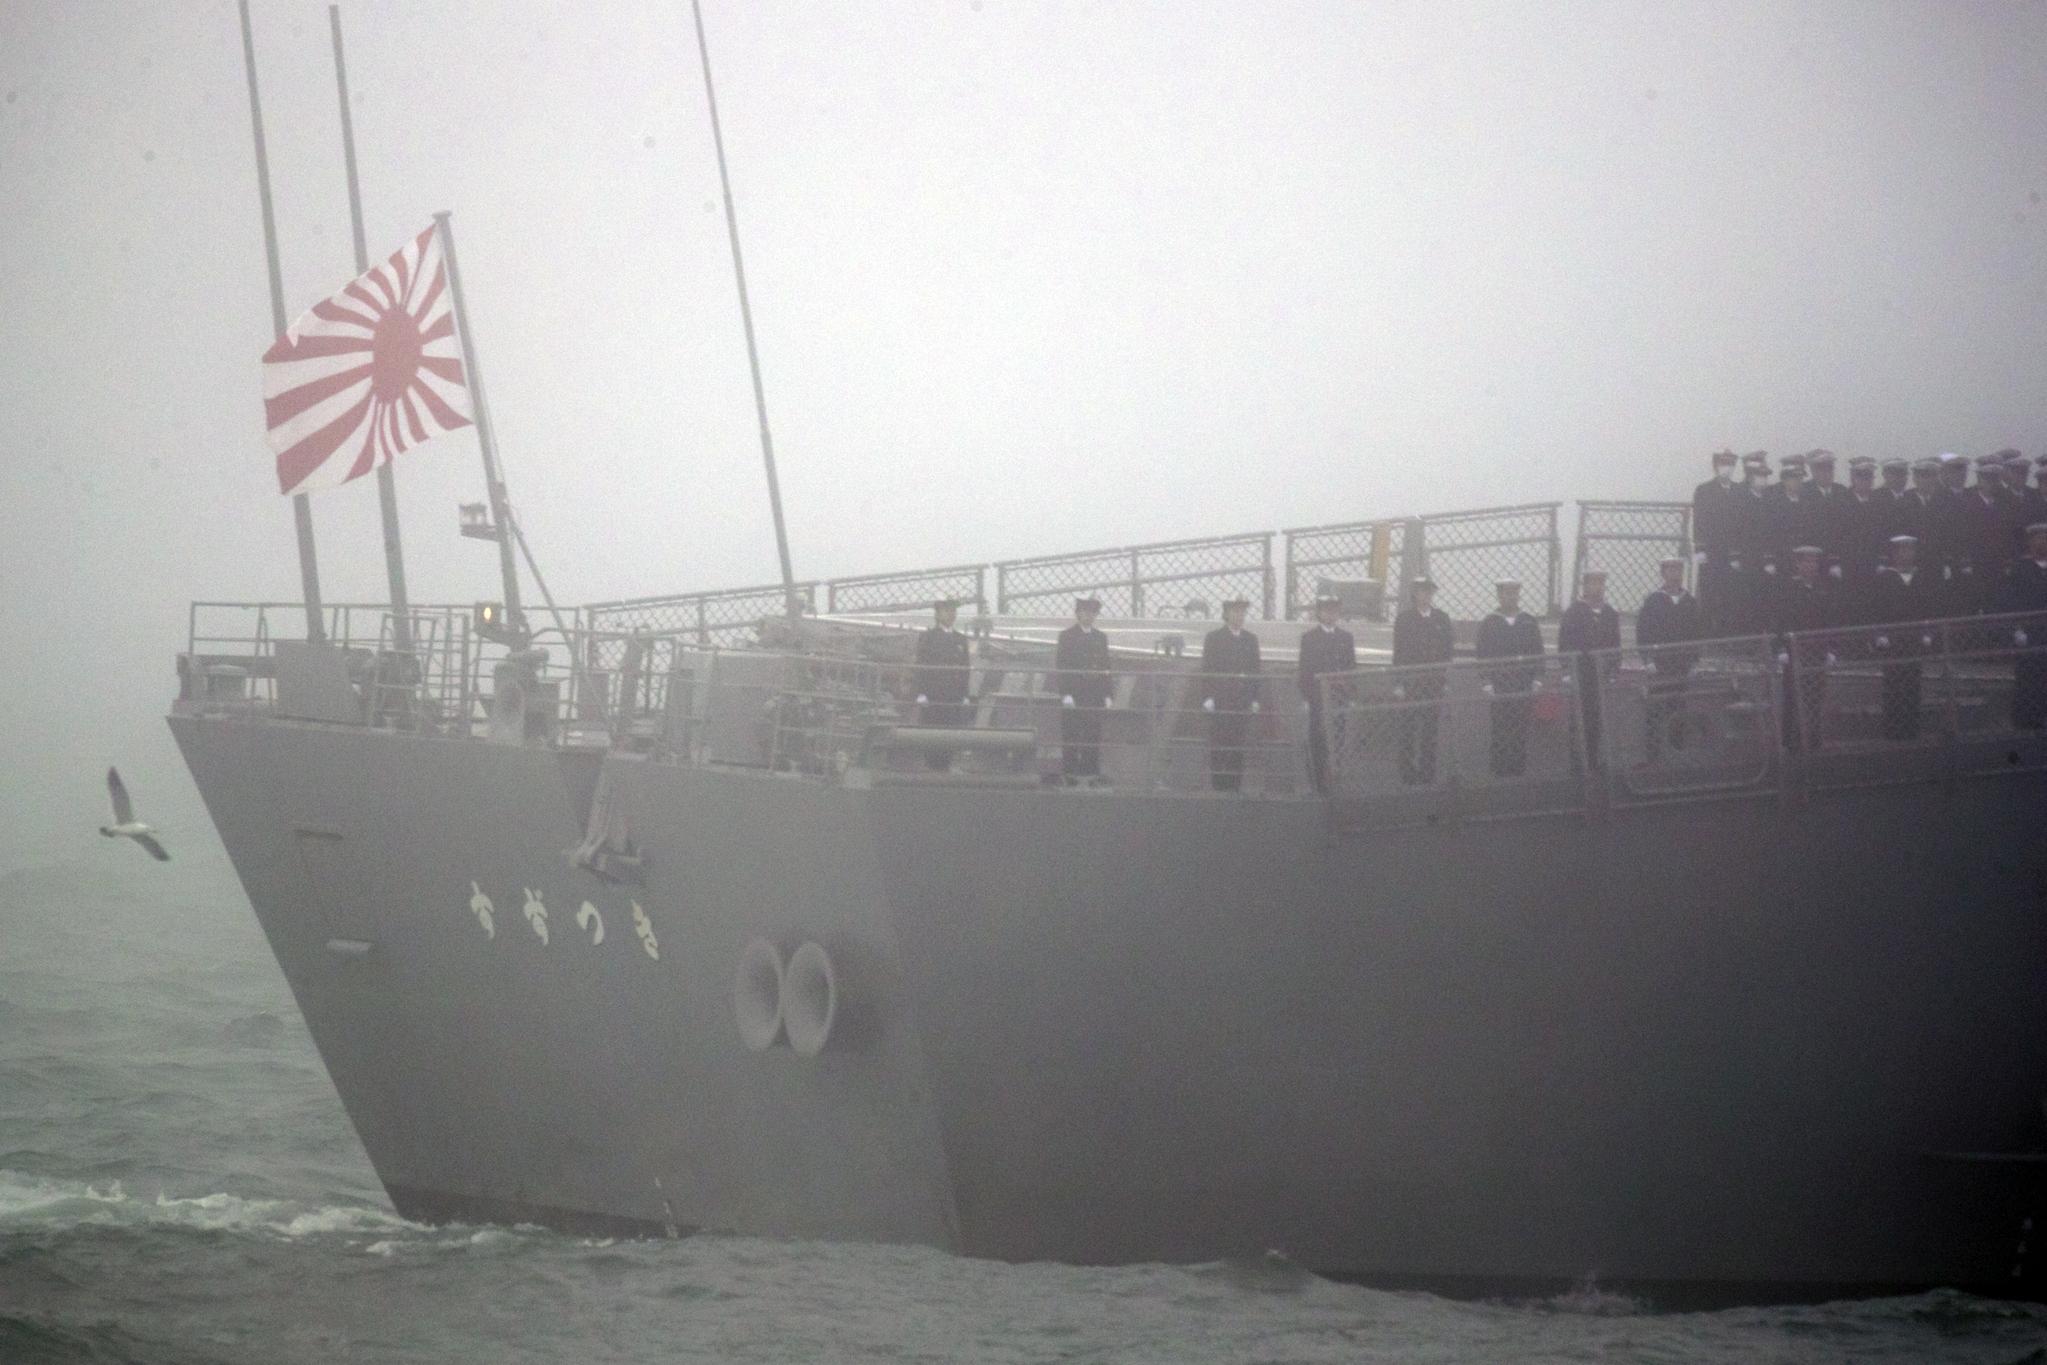 23일(현지시간) 중국 국제 관함식 해상열병식에 참가한 일본 해상자위대의 스즈츠키함에 욱일기가 게양되어 있다. [AP=연합뉴스]